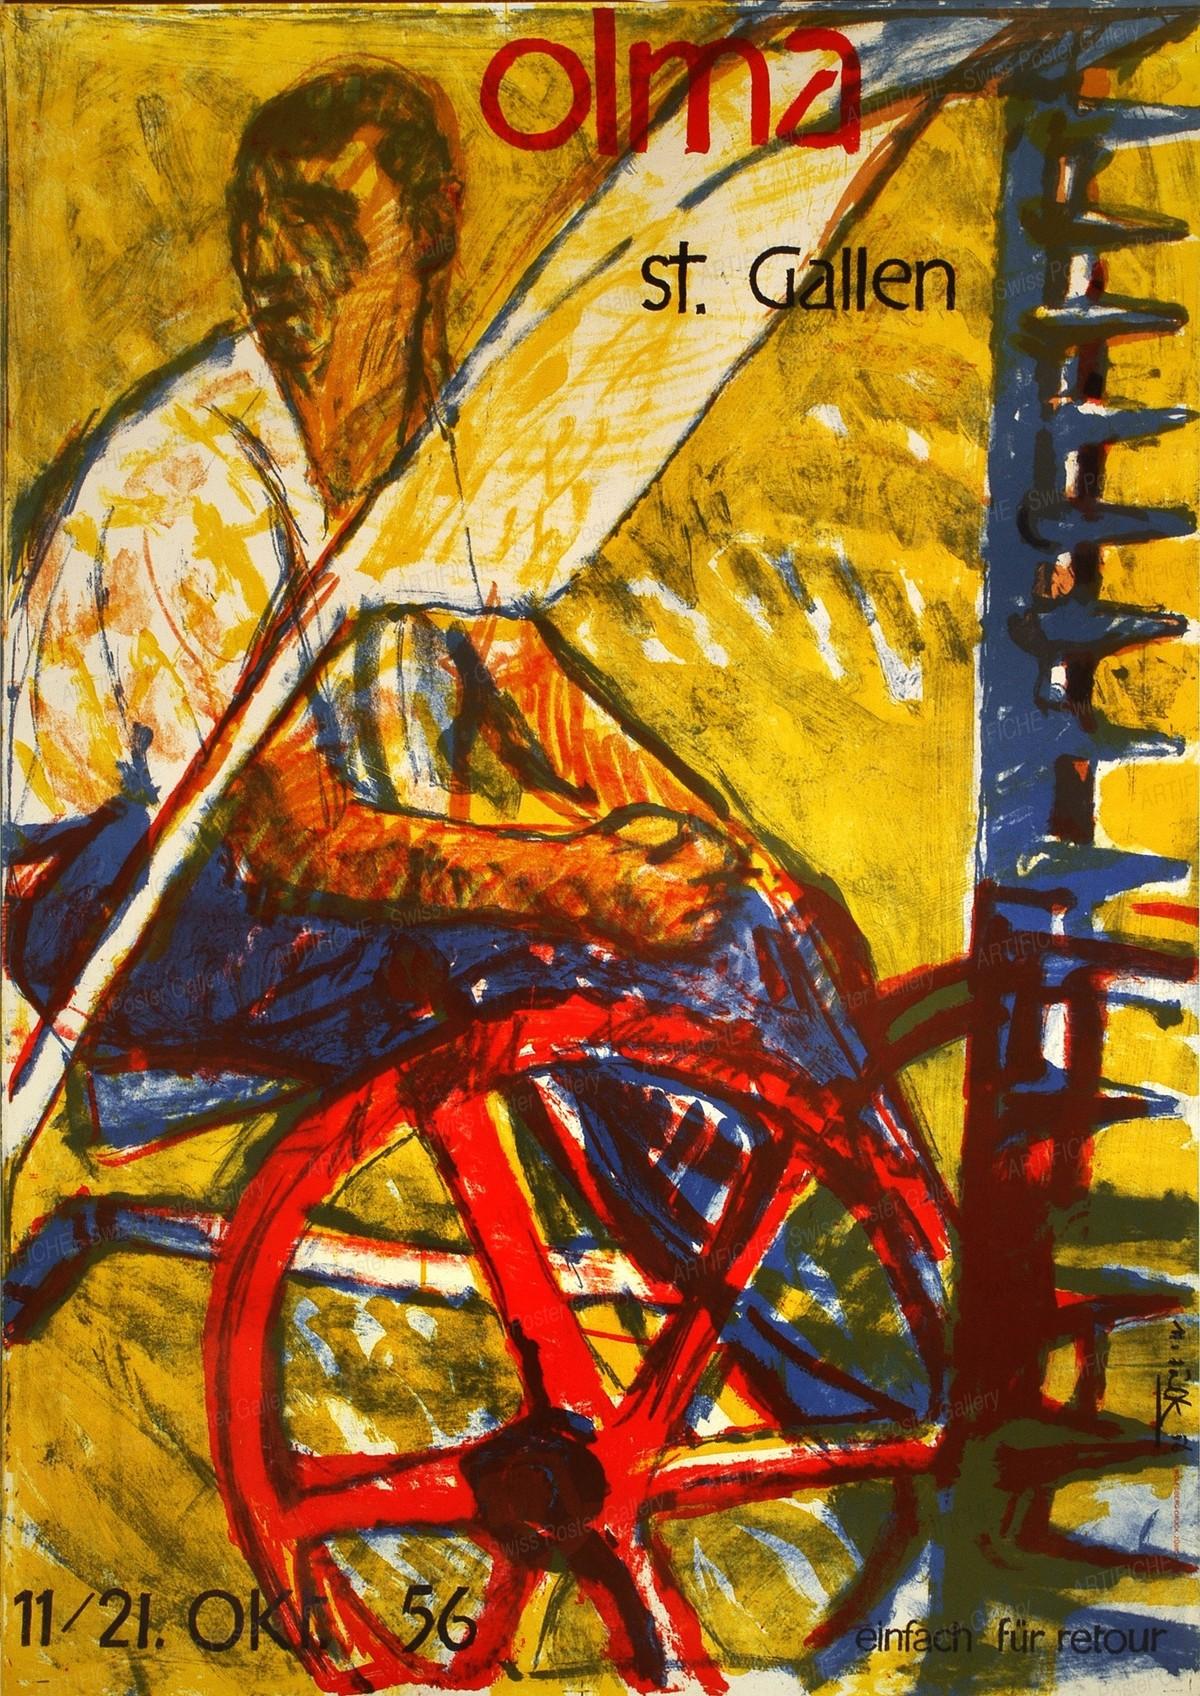 Olma St. Gallen 11. – 21. Oktober 1956, Hans Falk